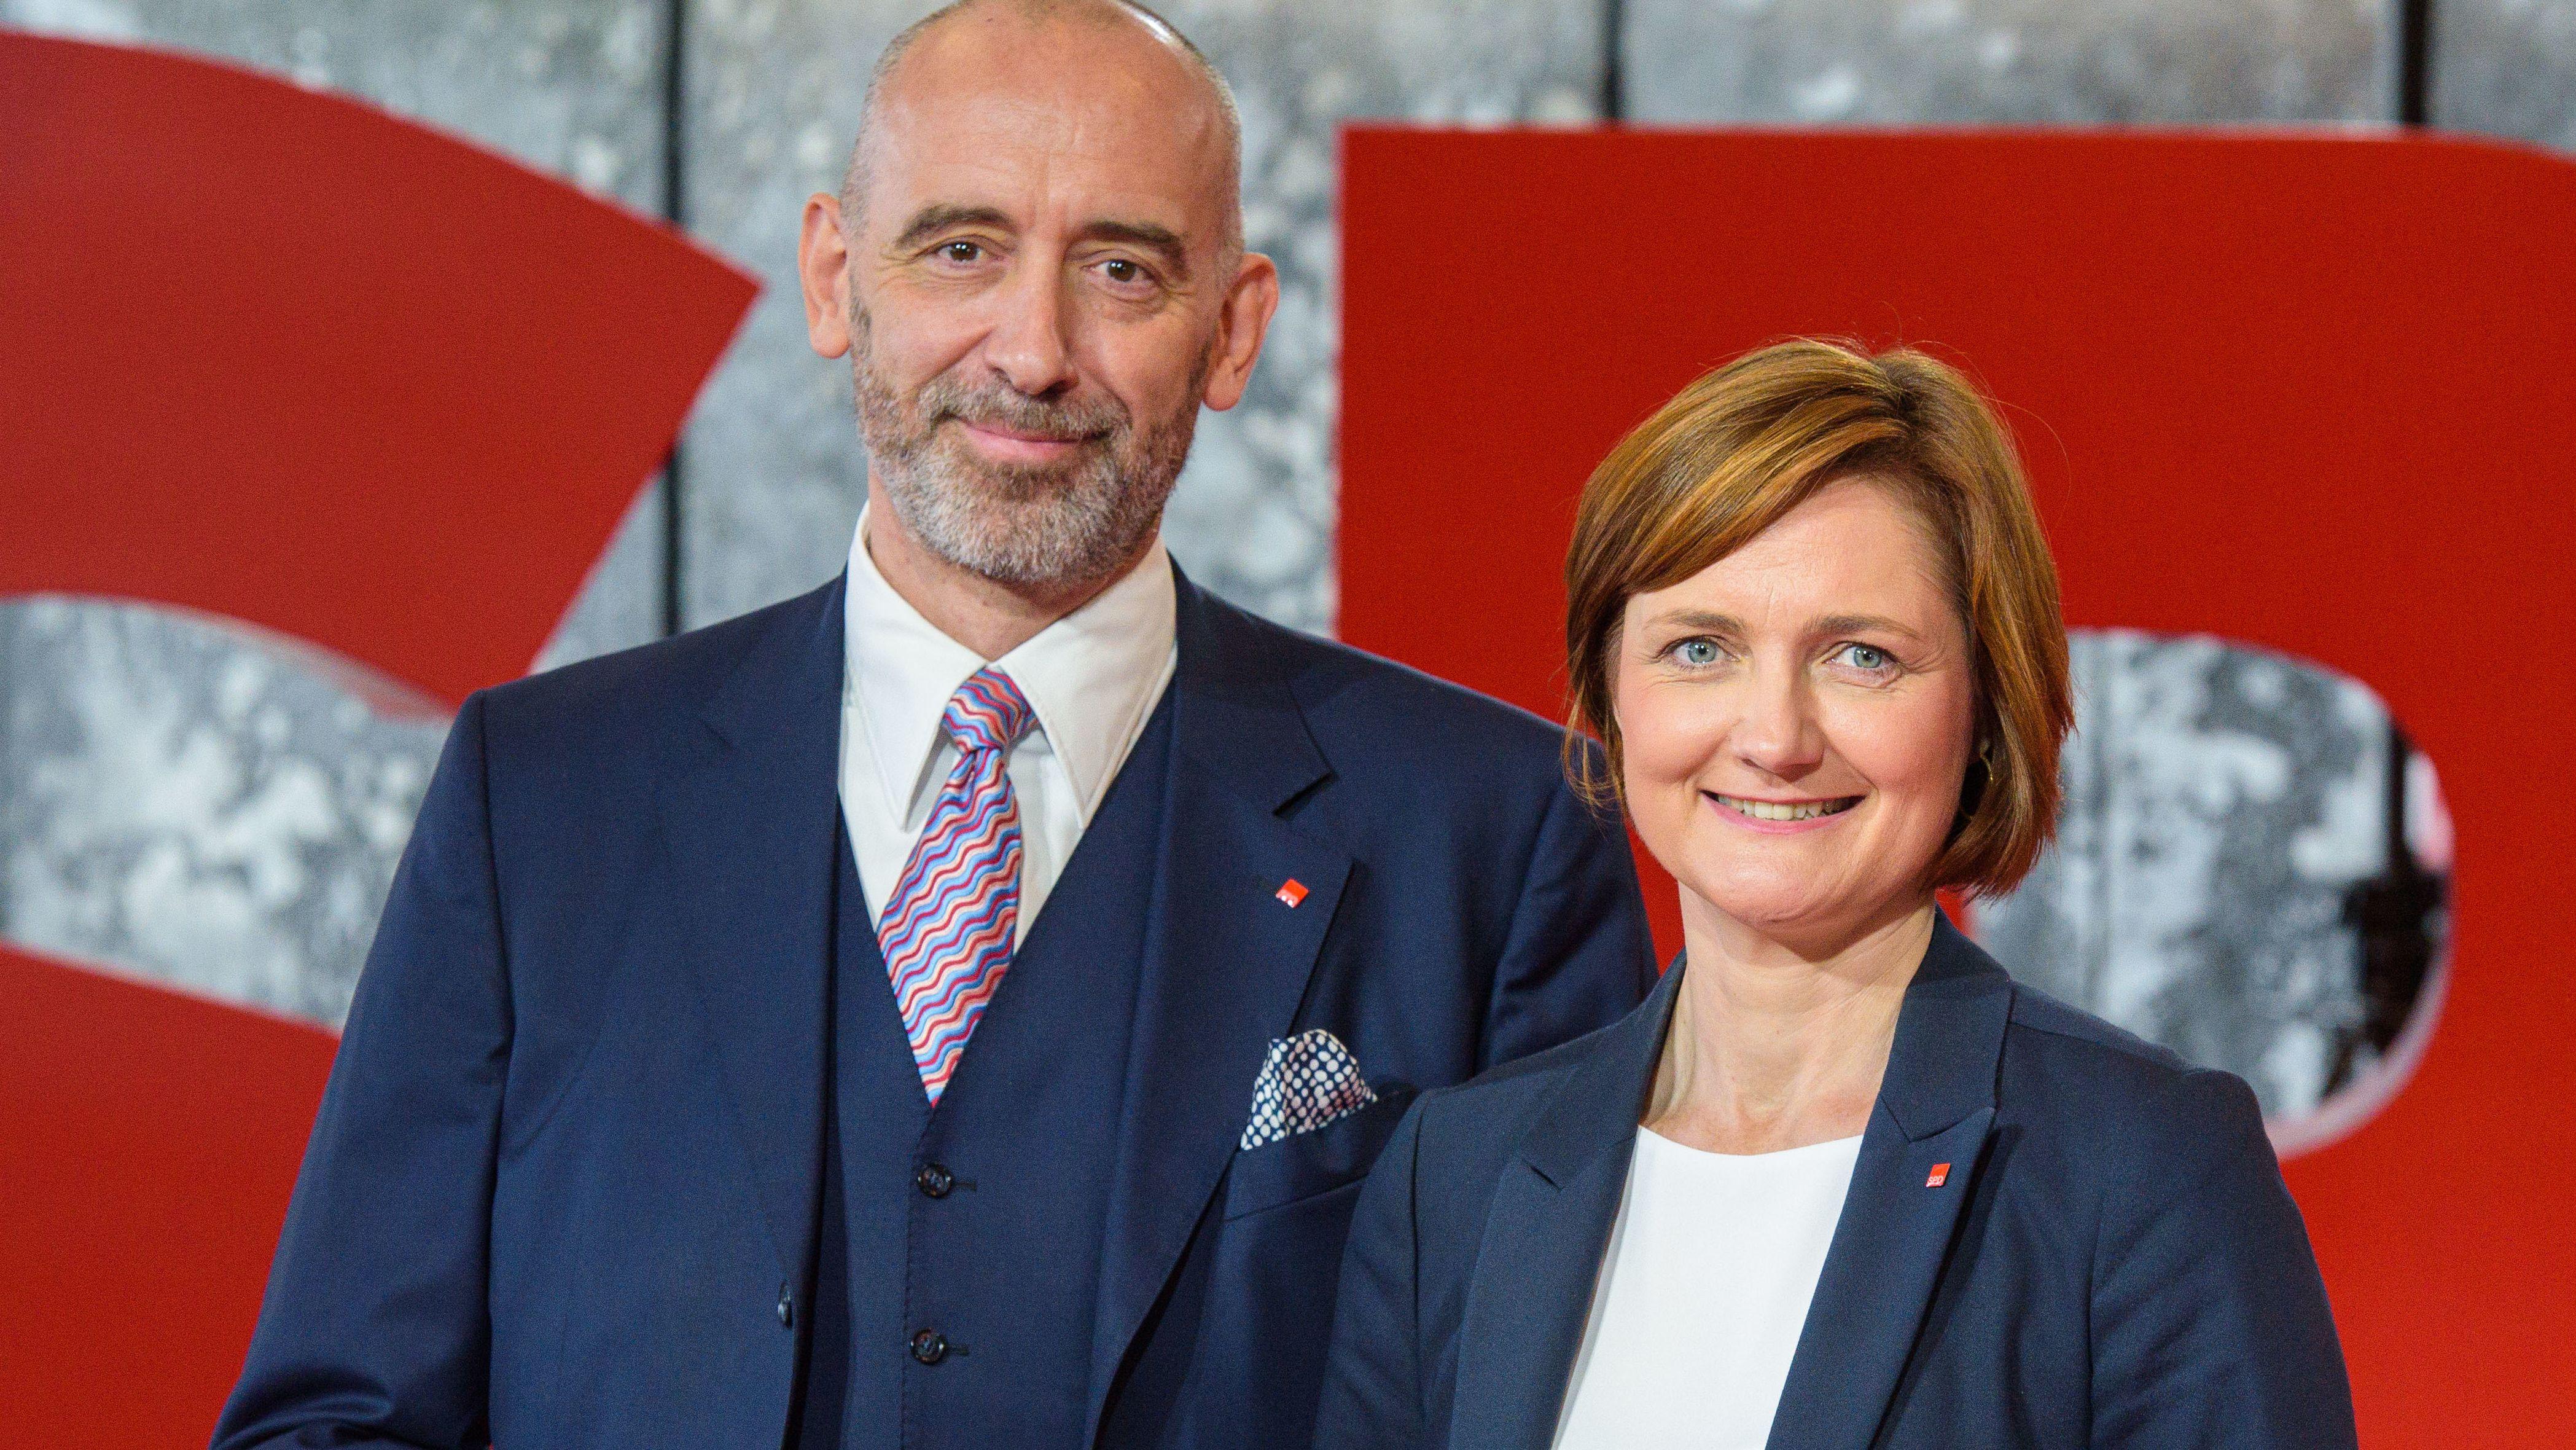 Die Kandidaten für den SPD-Vorsitz Alexander Ahrens (SPD), Oberbürgermeister von Bautzen, und Simone Lange (SPD), Oberbürgermeisterin von Flensburg